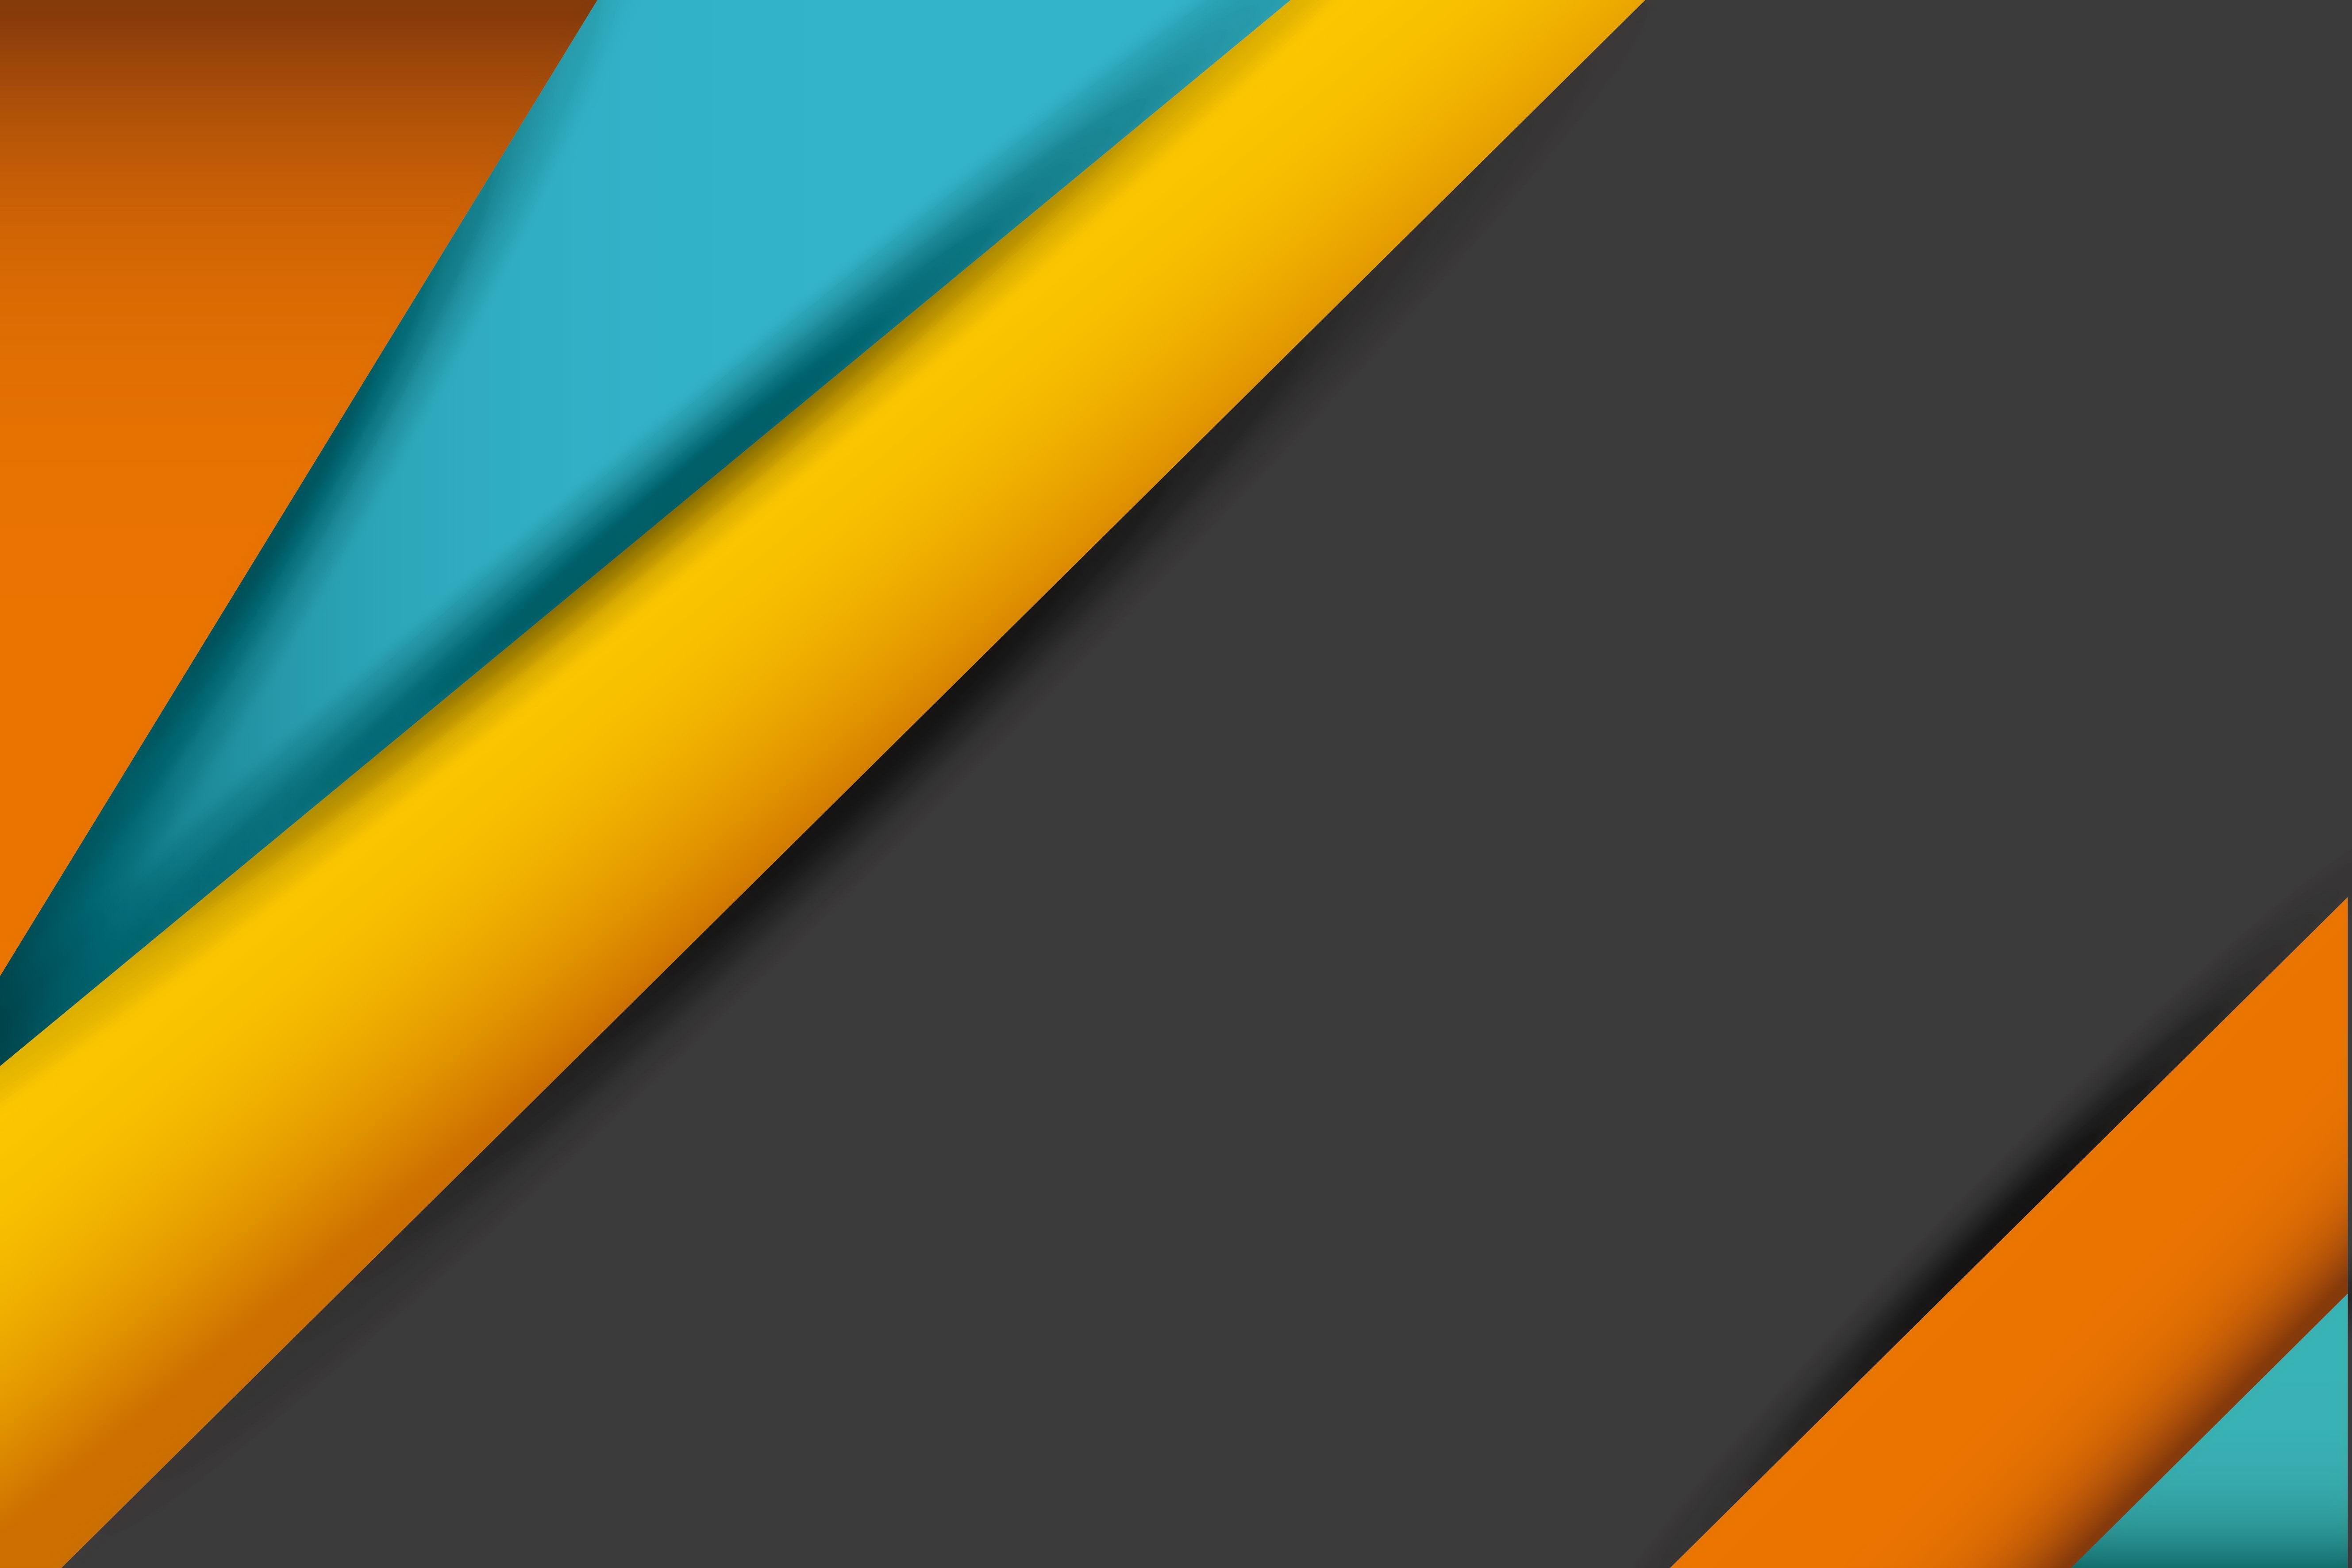 Линии фигуры material design  № 3215770 без смс